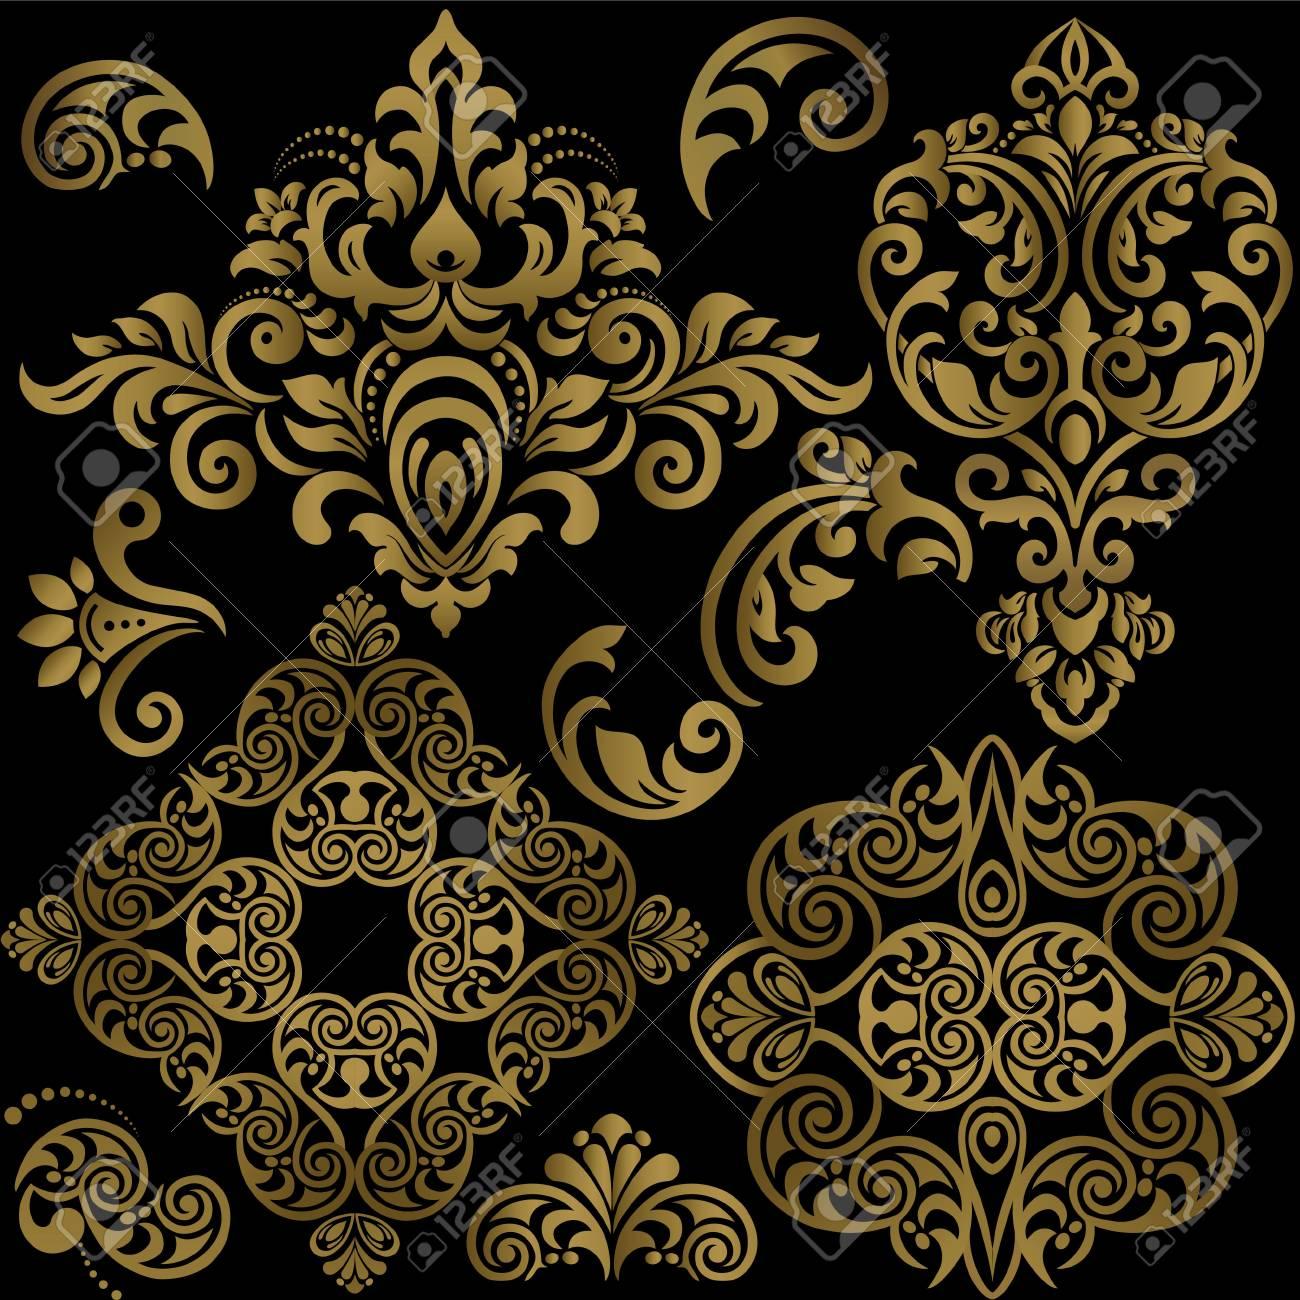 Damask floral pattern set. Vector Illustration - 126910363